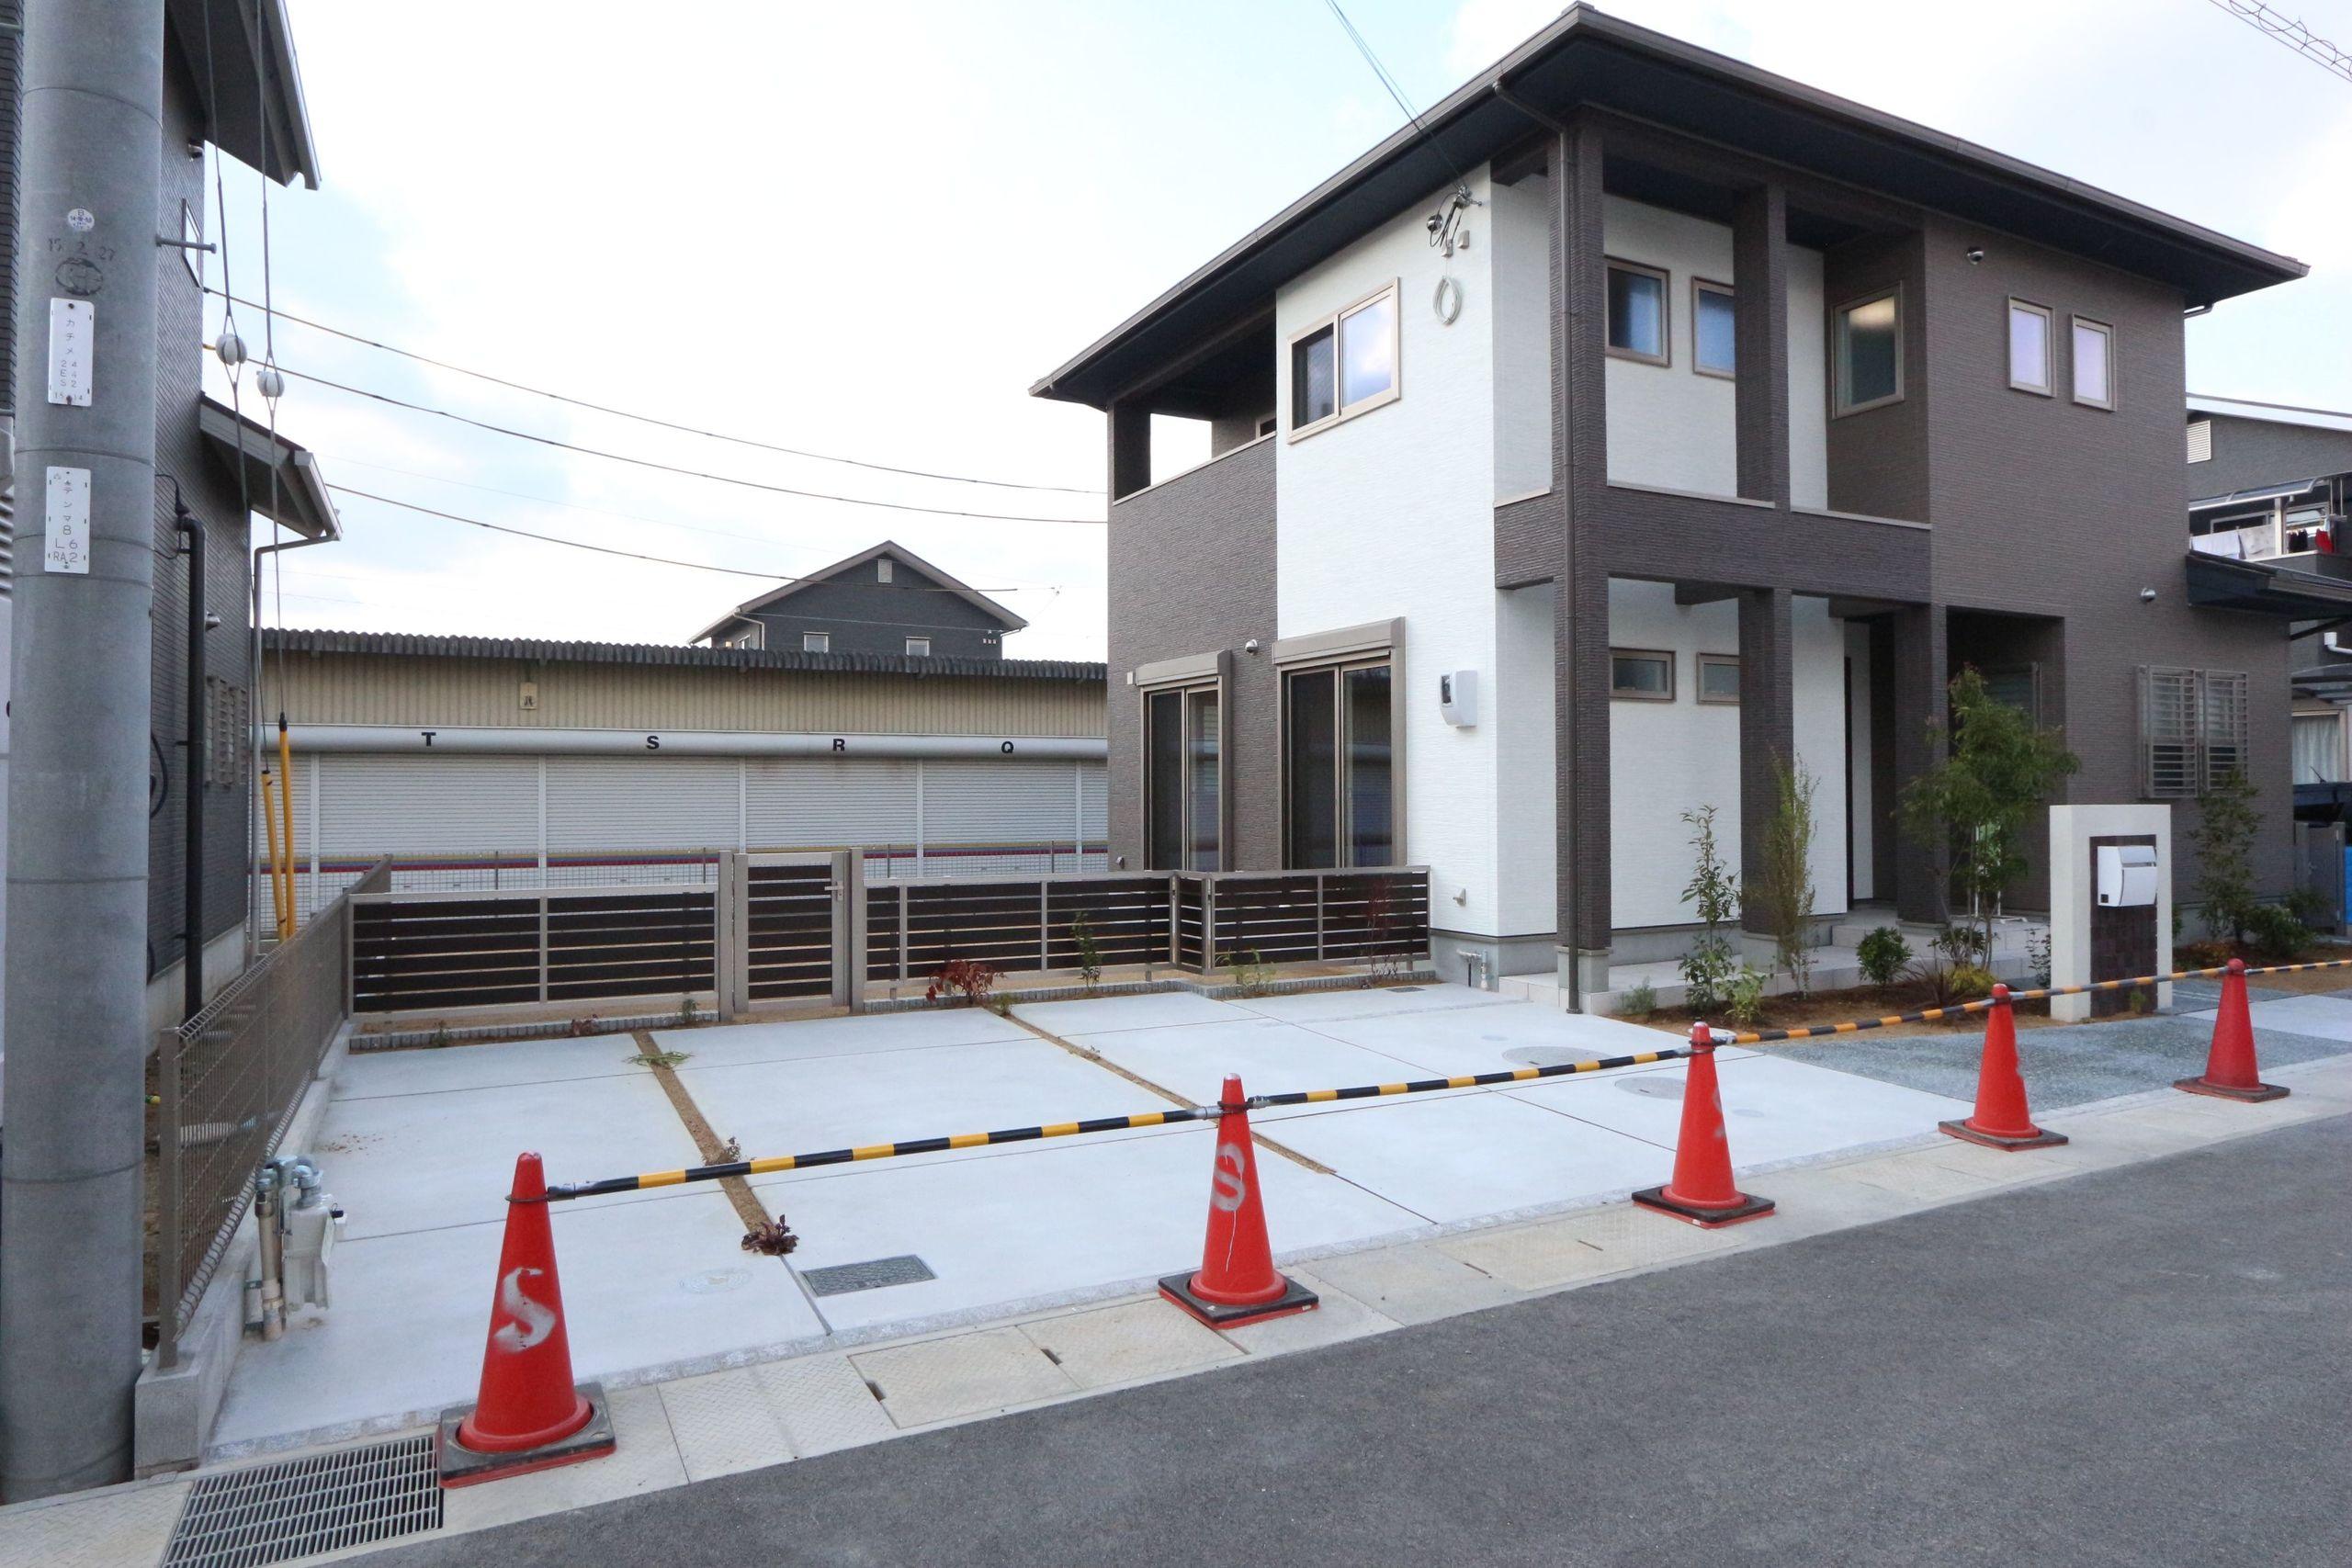 【外観写真】 土地面積60.5坪! 並列で駐車3台可能です。